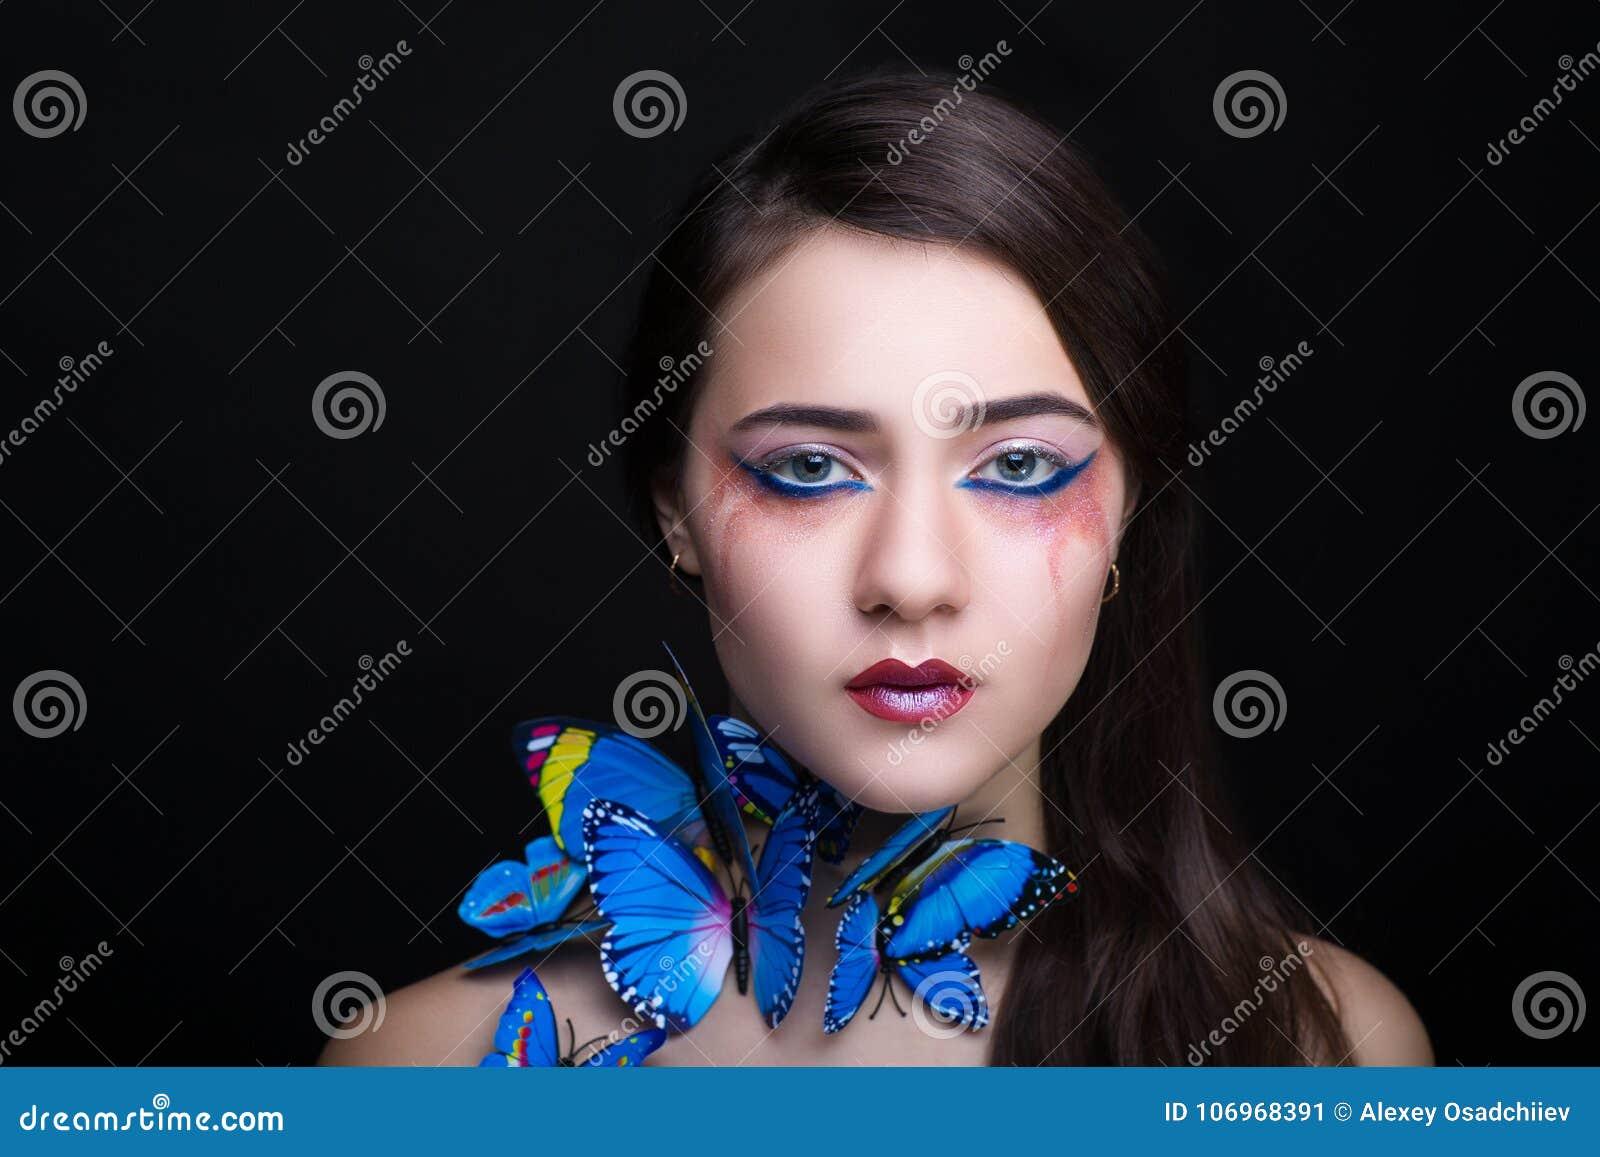 Woman blue butterfly